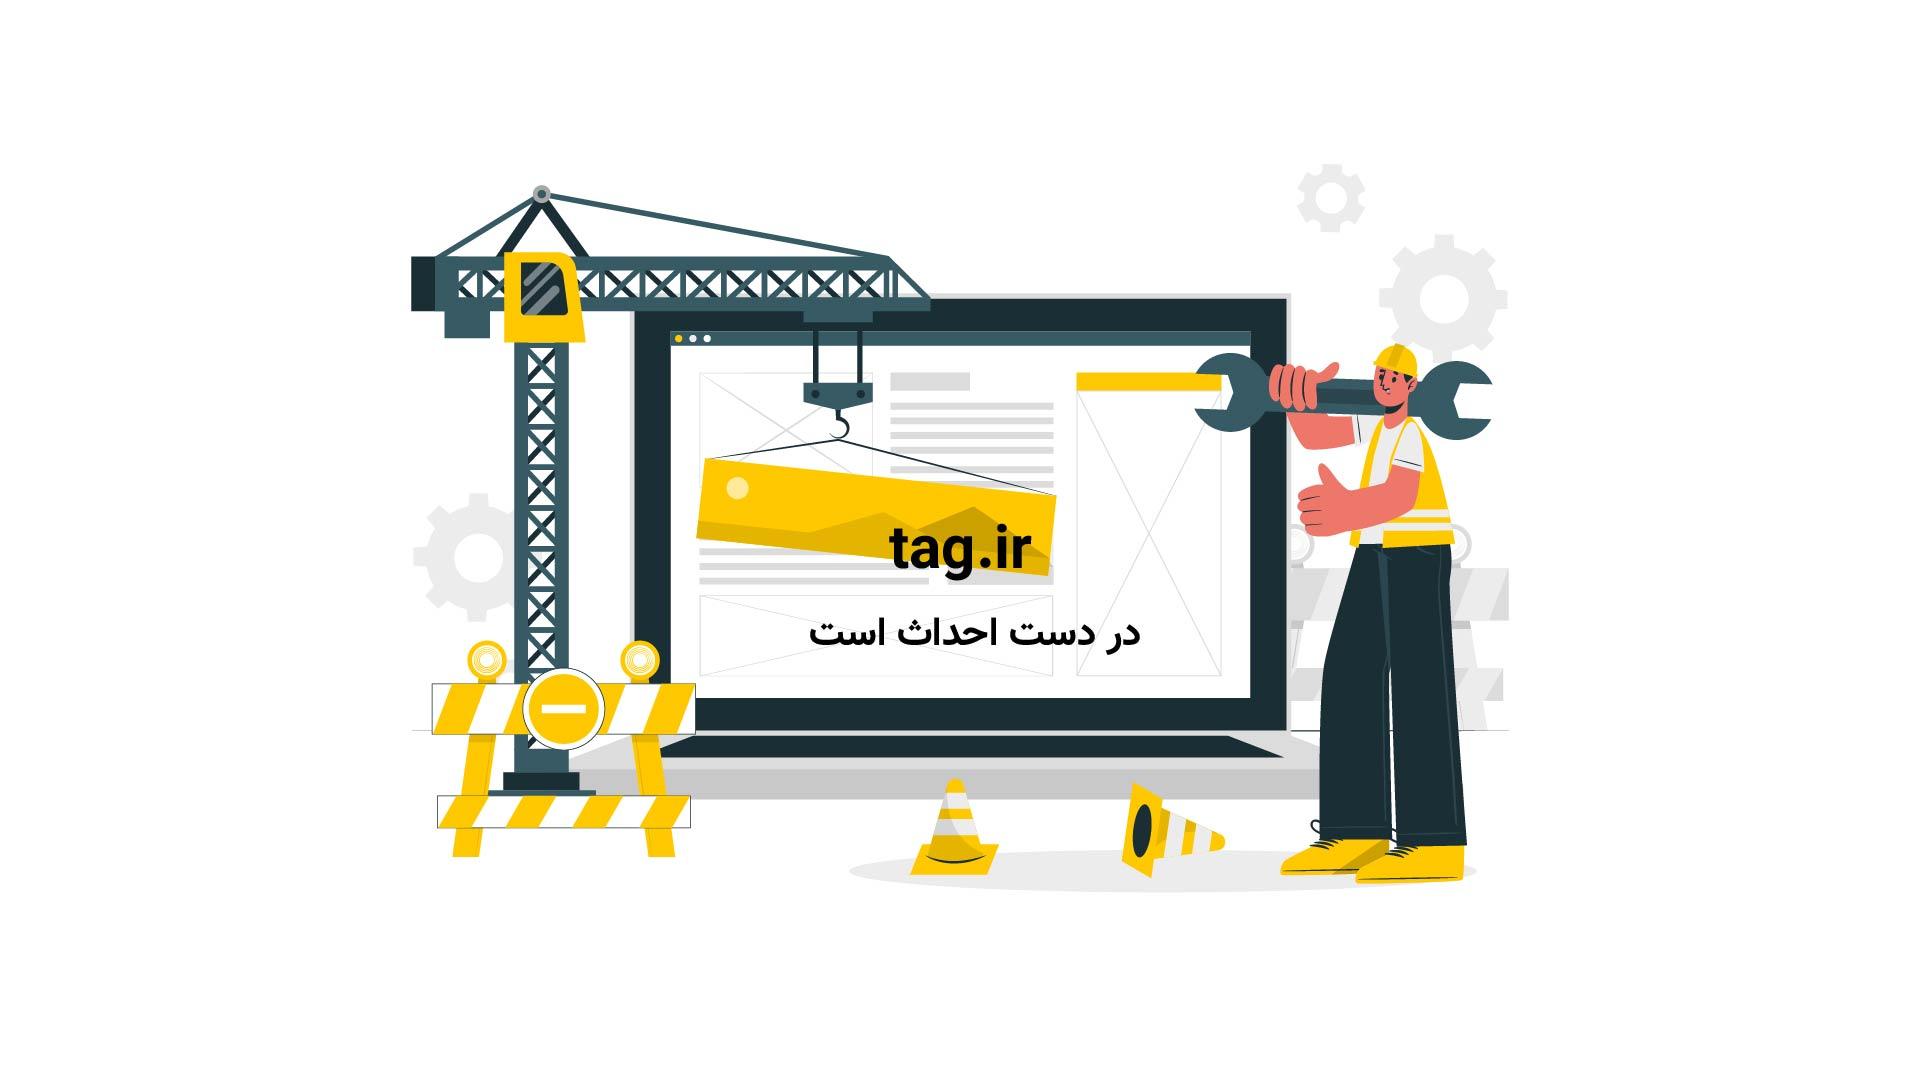 کارتون انگری بردز ؛ این قسمت ساخت قلعه شنی | فیلم